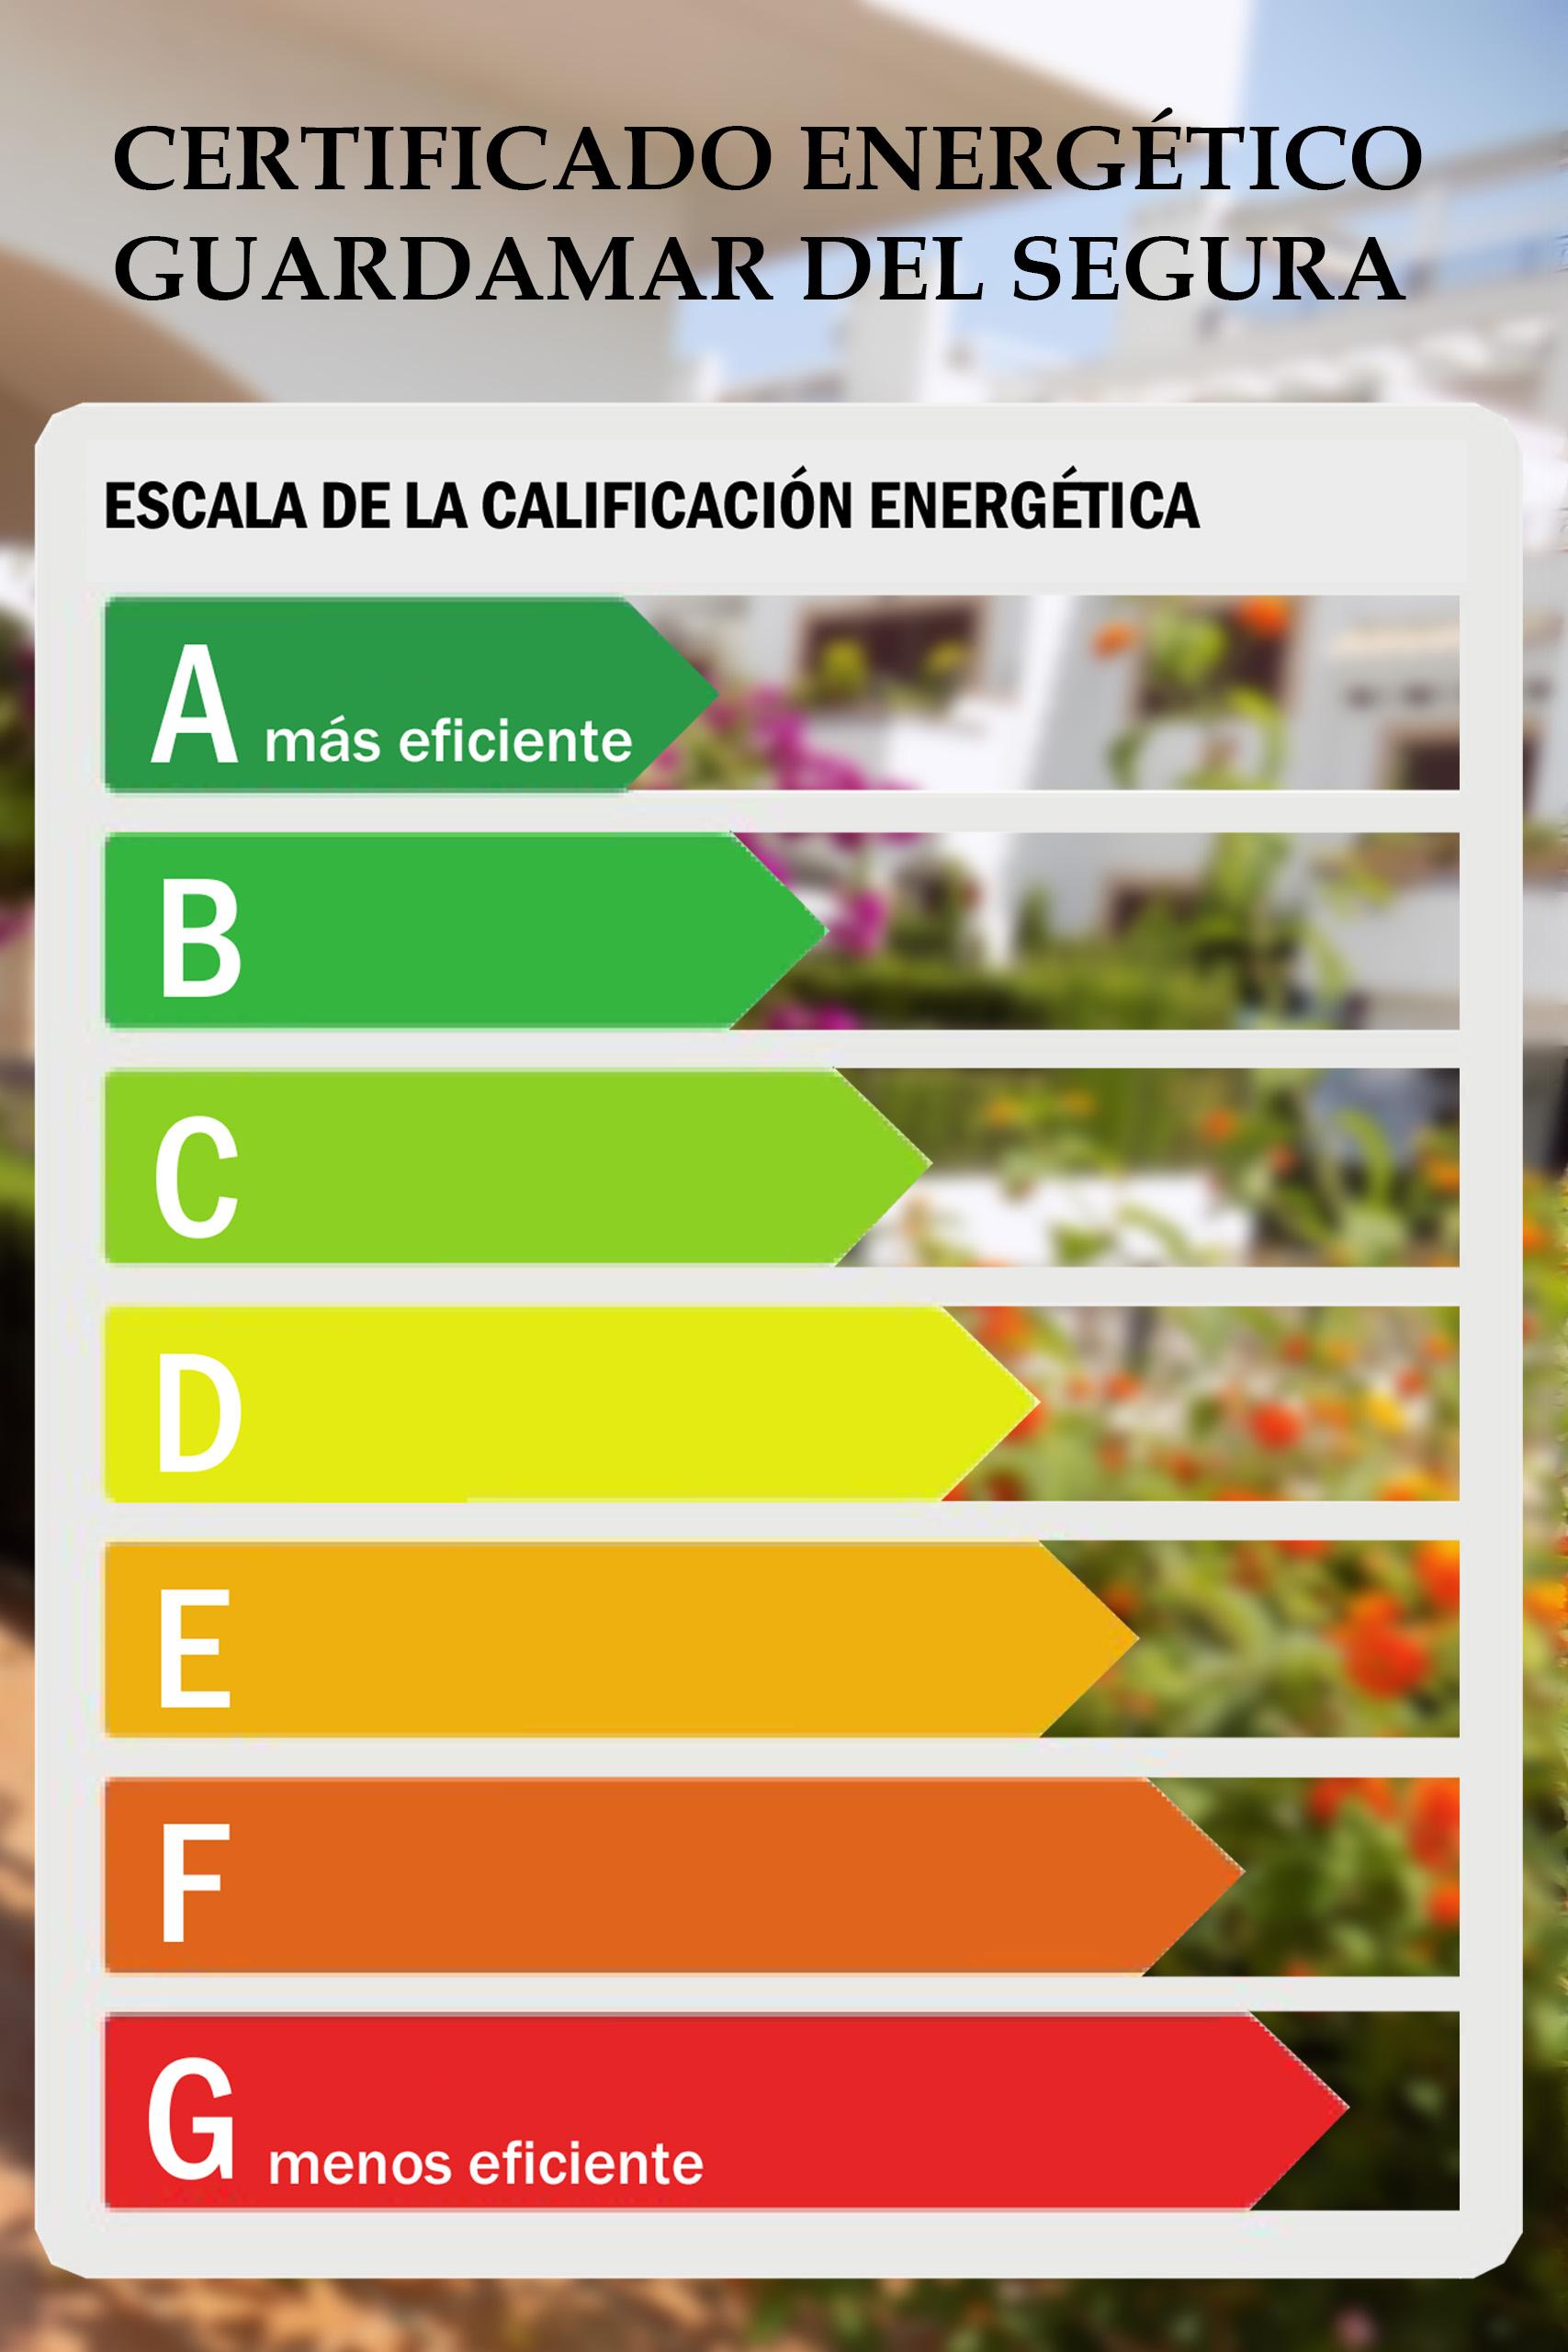 Certificado energético Guardamar del Segura